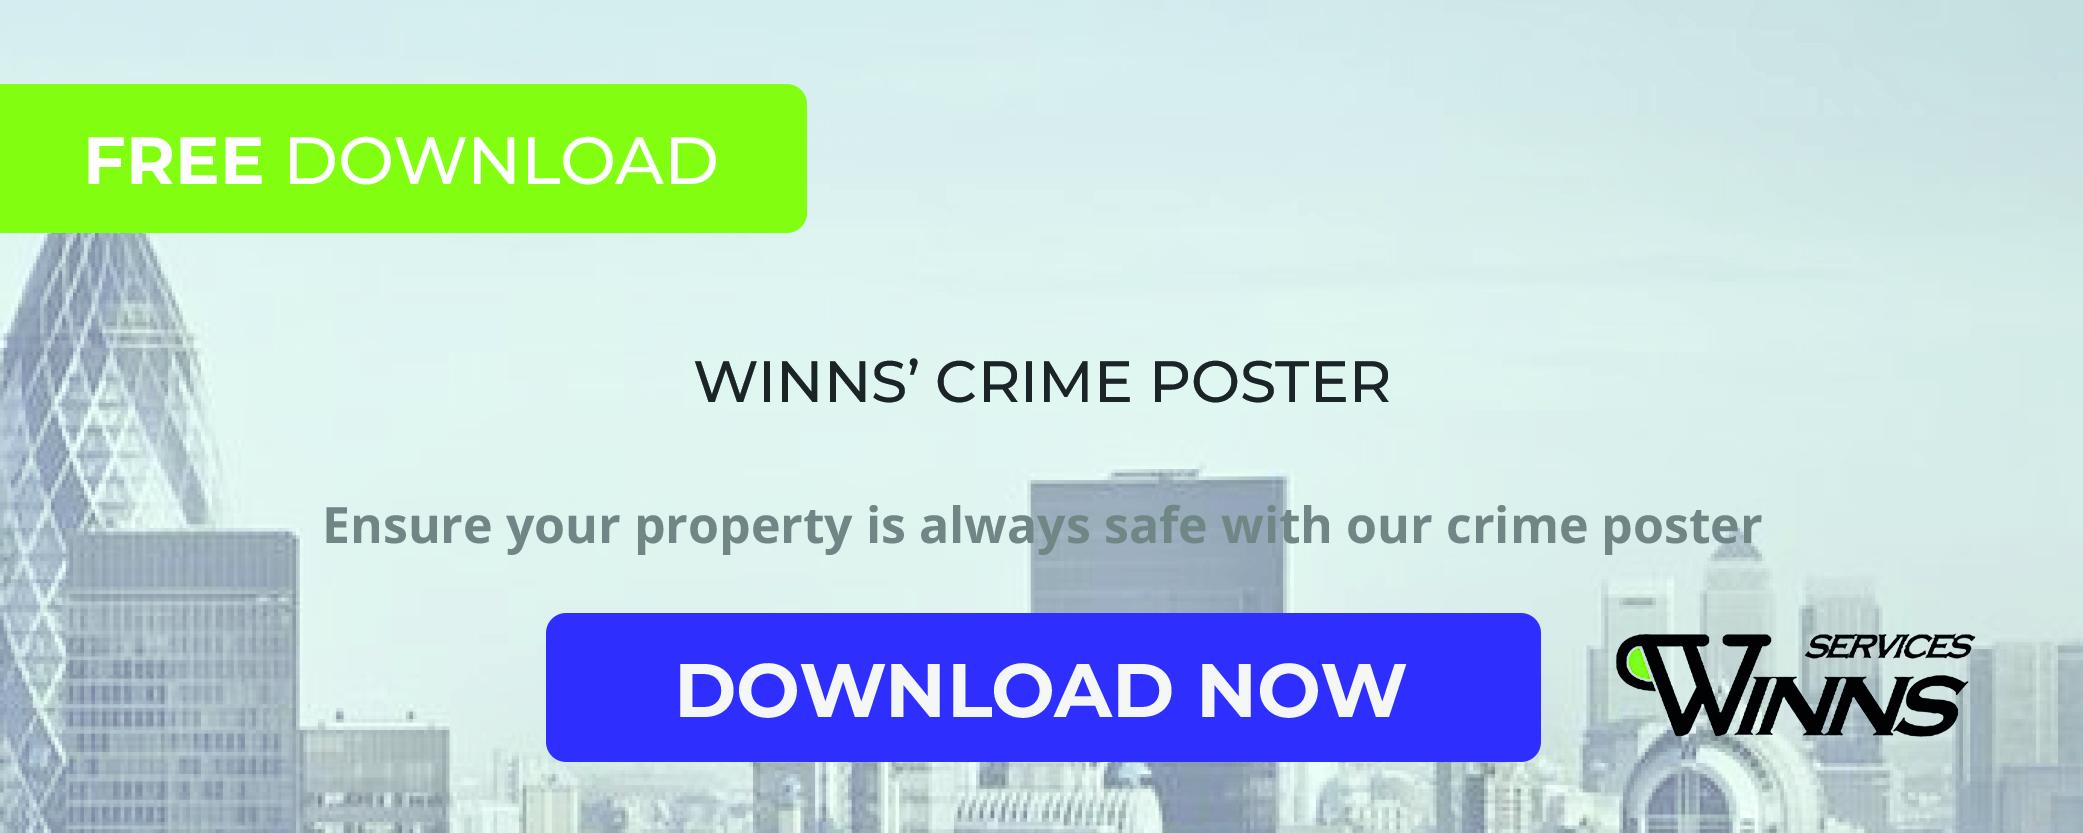 WINNS crime poster